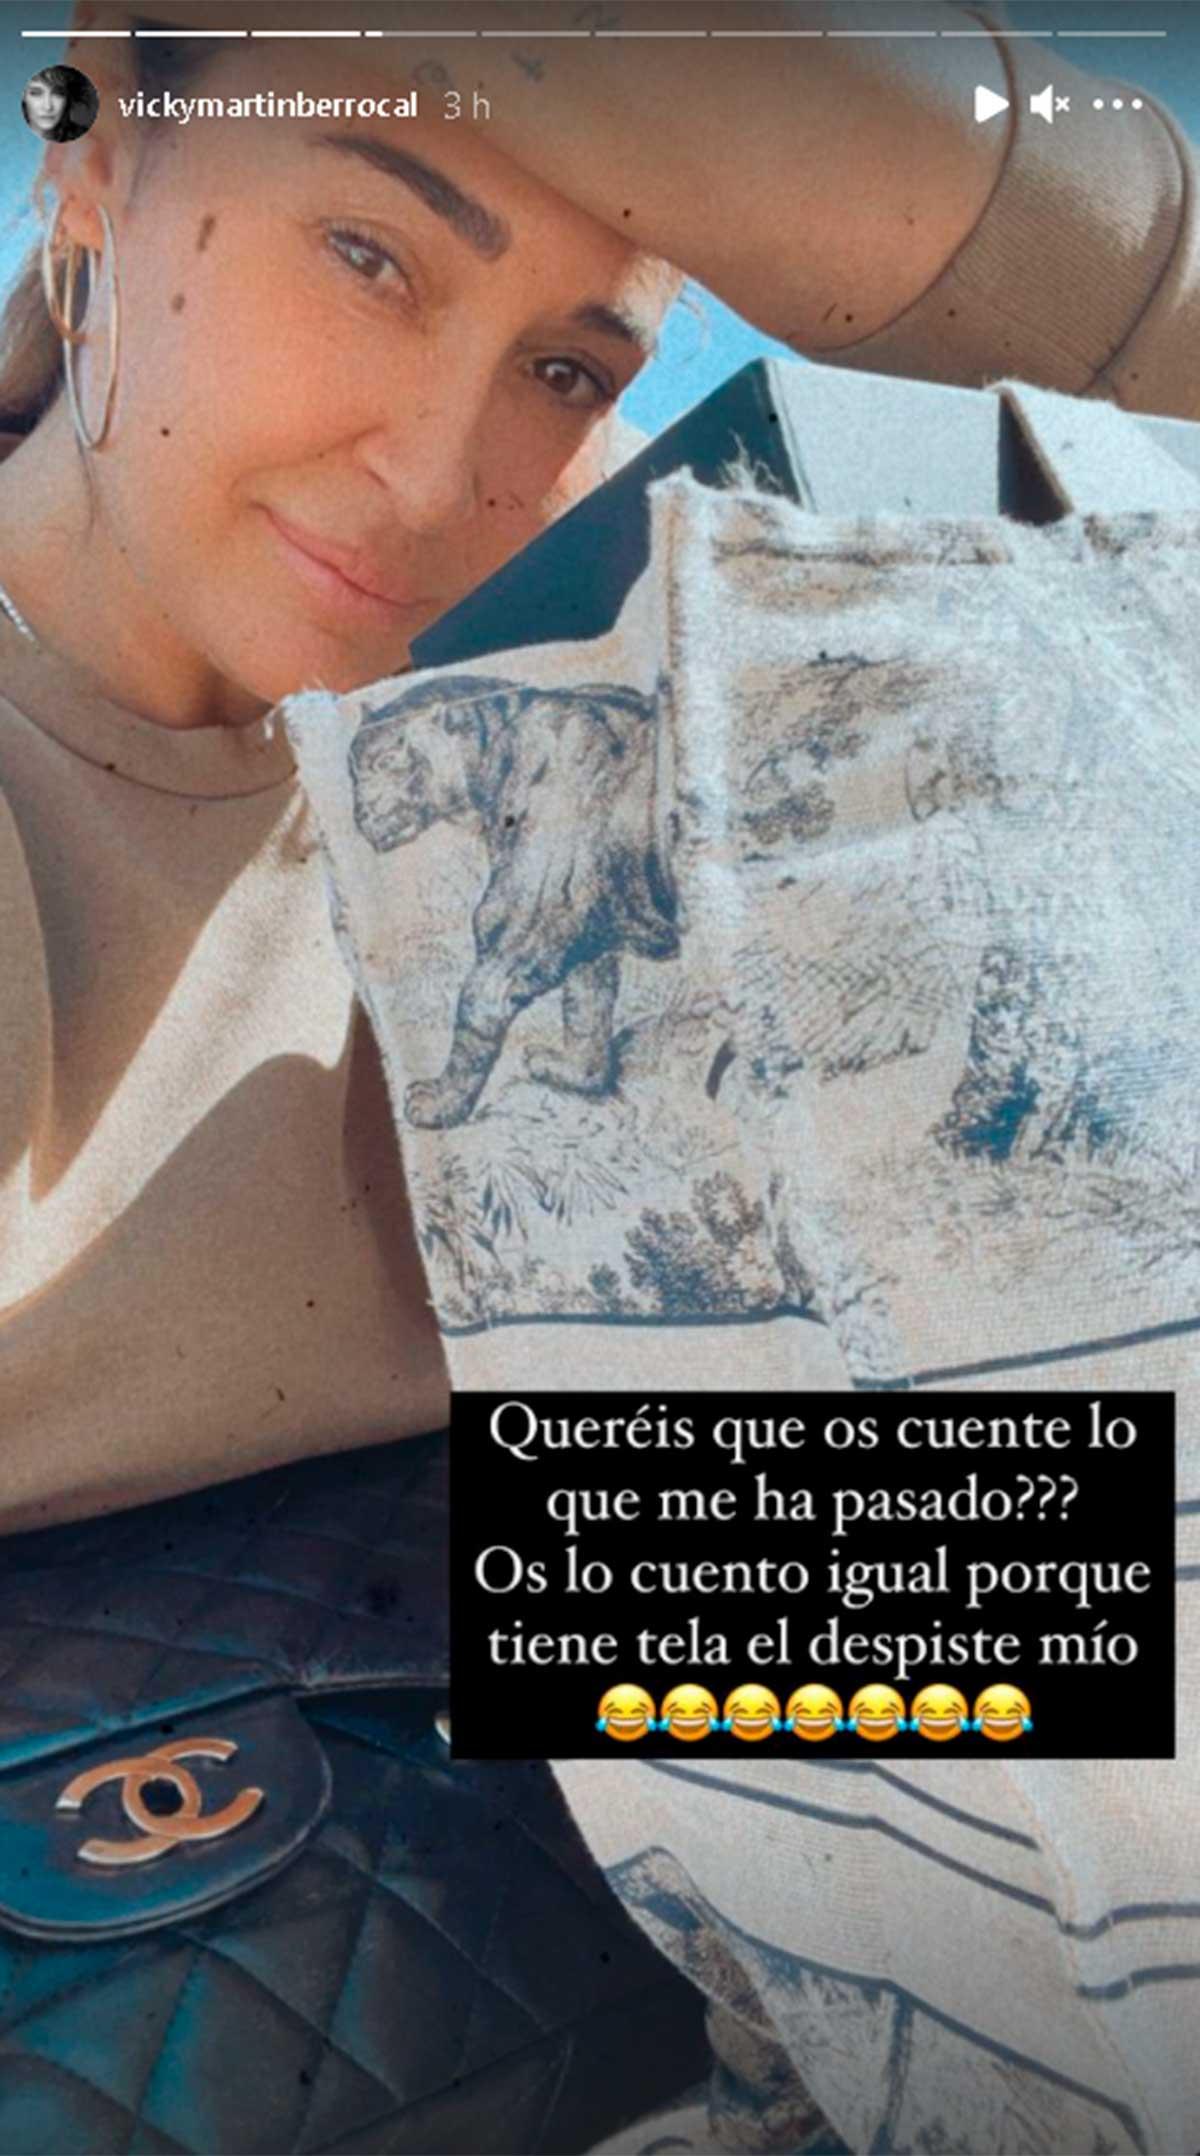 Vicky Martín Berrocal